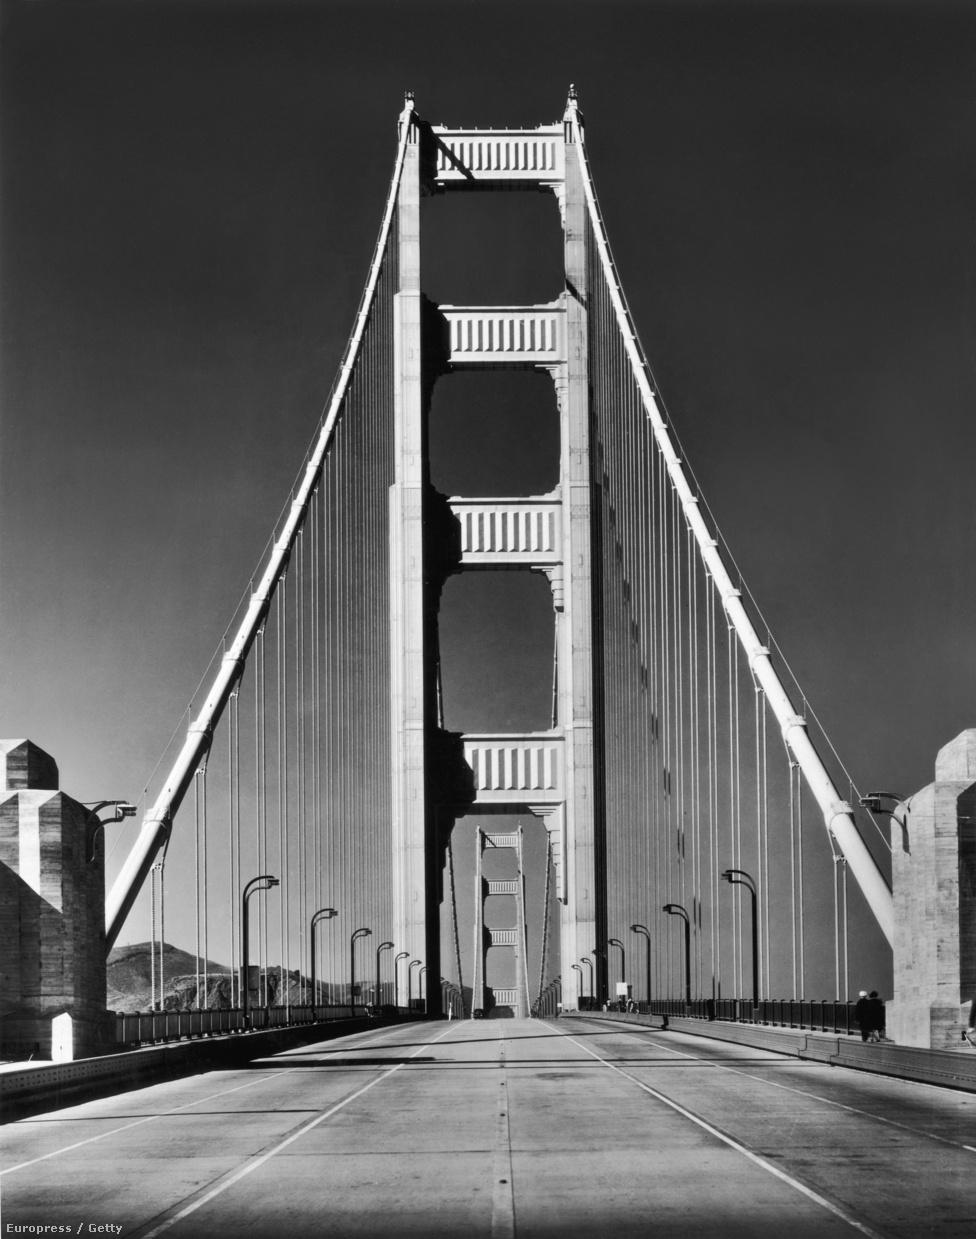 1937. Elkészült a világ leghosszabb függőhídja. A hidat tartó vastag kábelpár mindkét tagja 27 527 szál acélhuzalból                         lett összefonva. A két sodronyban összesen 129 ezer kilométernyi huzal                         van, a híd szerkezetében pedig 1,2 millió szegecs. Az építkezésen 389                         ezer köbméter betont használtak fel.